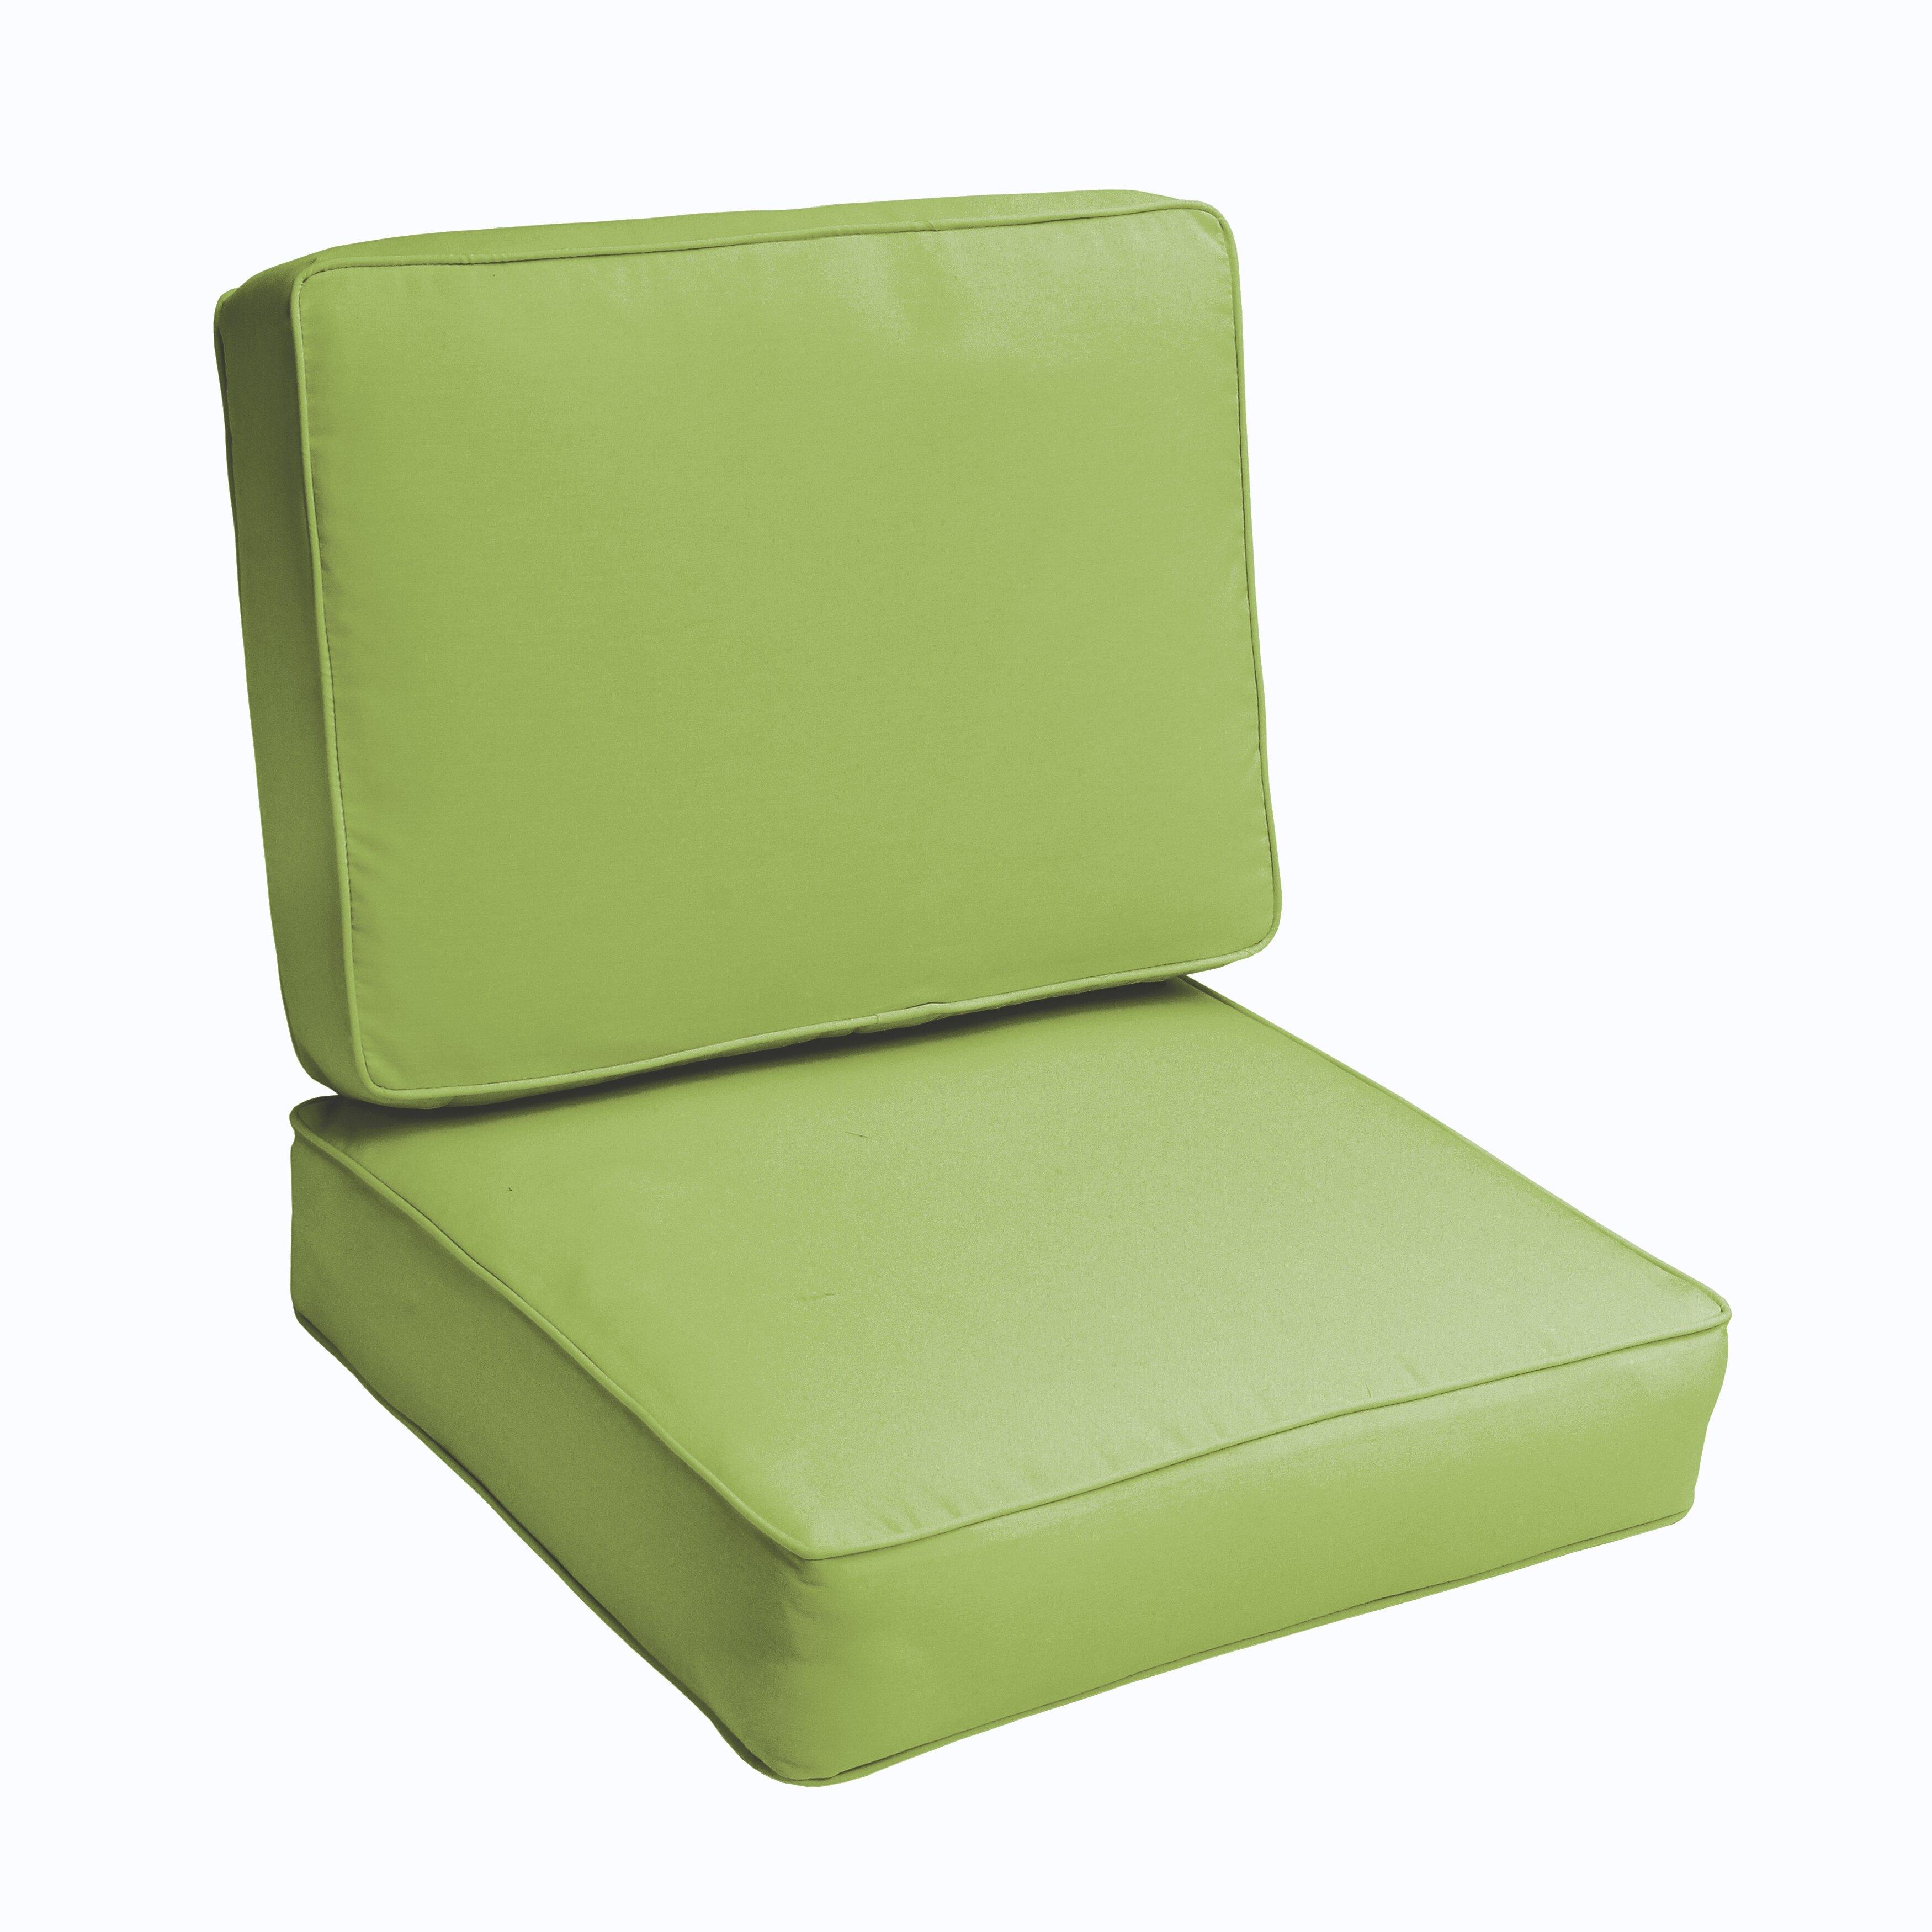 Brayden Studio Kaplan 2 Piece Outdoor Chair Cushion Set – 2 Piece Outdoor Chair Cushions